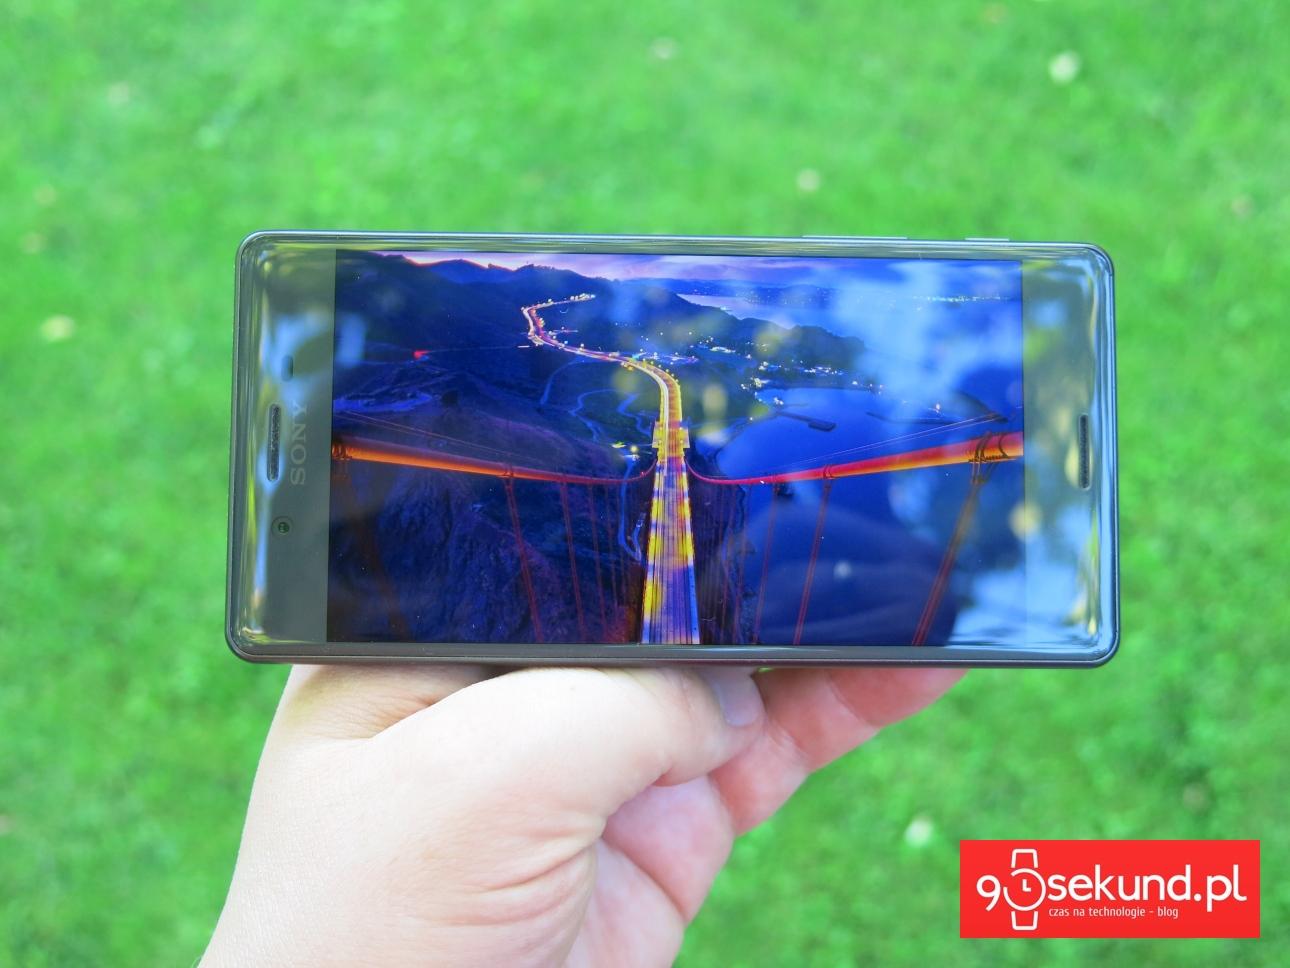 Recenzja Sony Xperia X 2016 (F5121) - 90sekund.pl